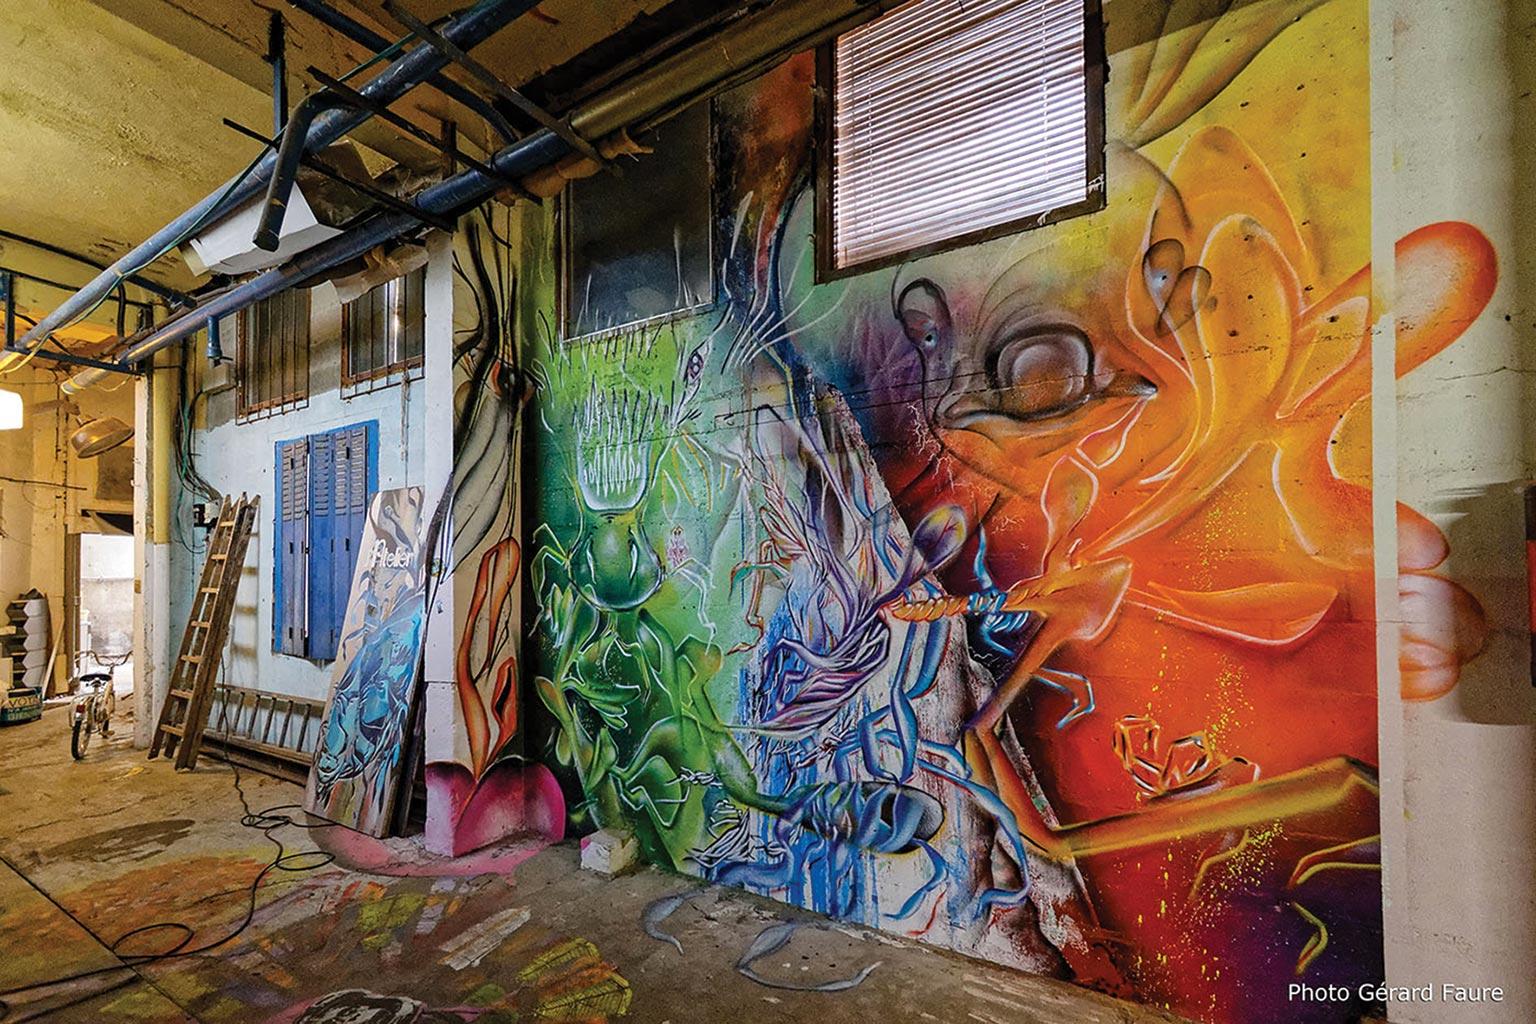 Bestiaire cosmique - l'atelier, galerie alternative & solidaire du collectif AVC - Janvier 2017 - Montreuil